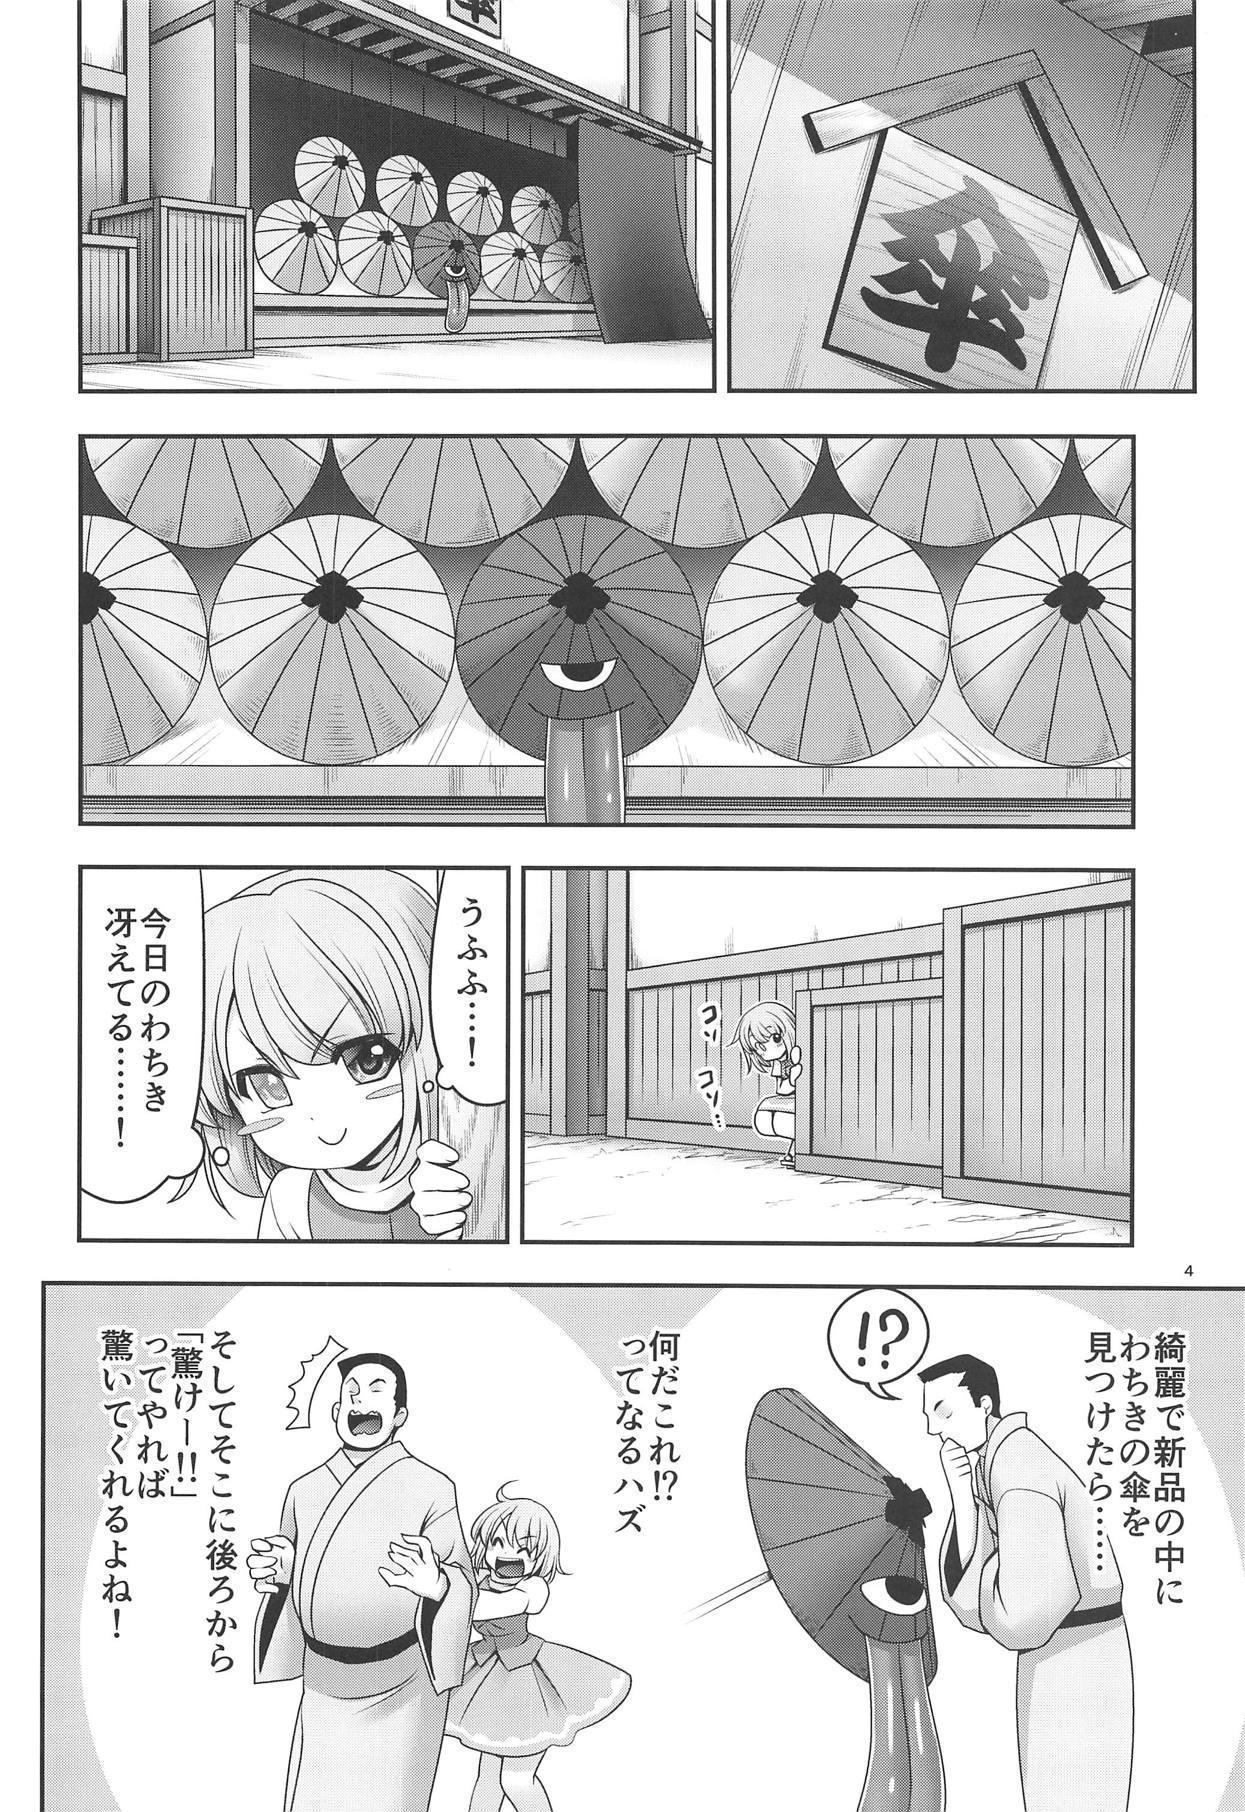 Kasa no Oteire 2